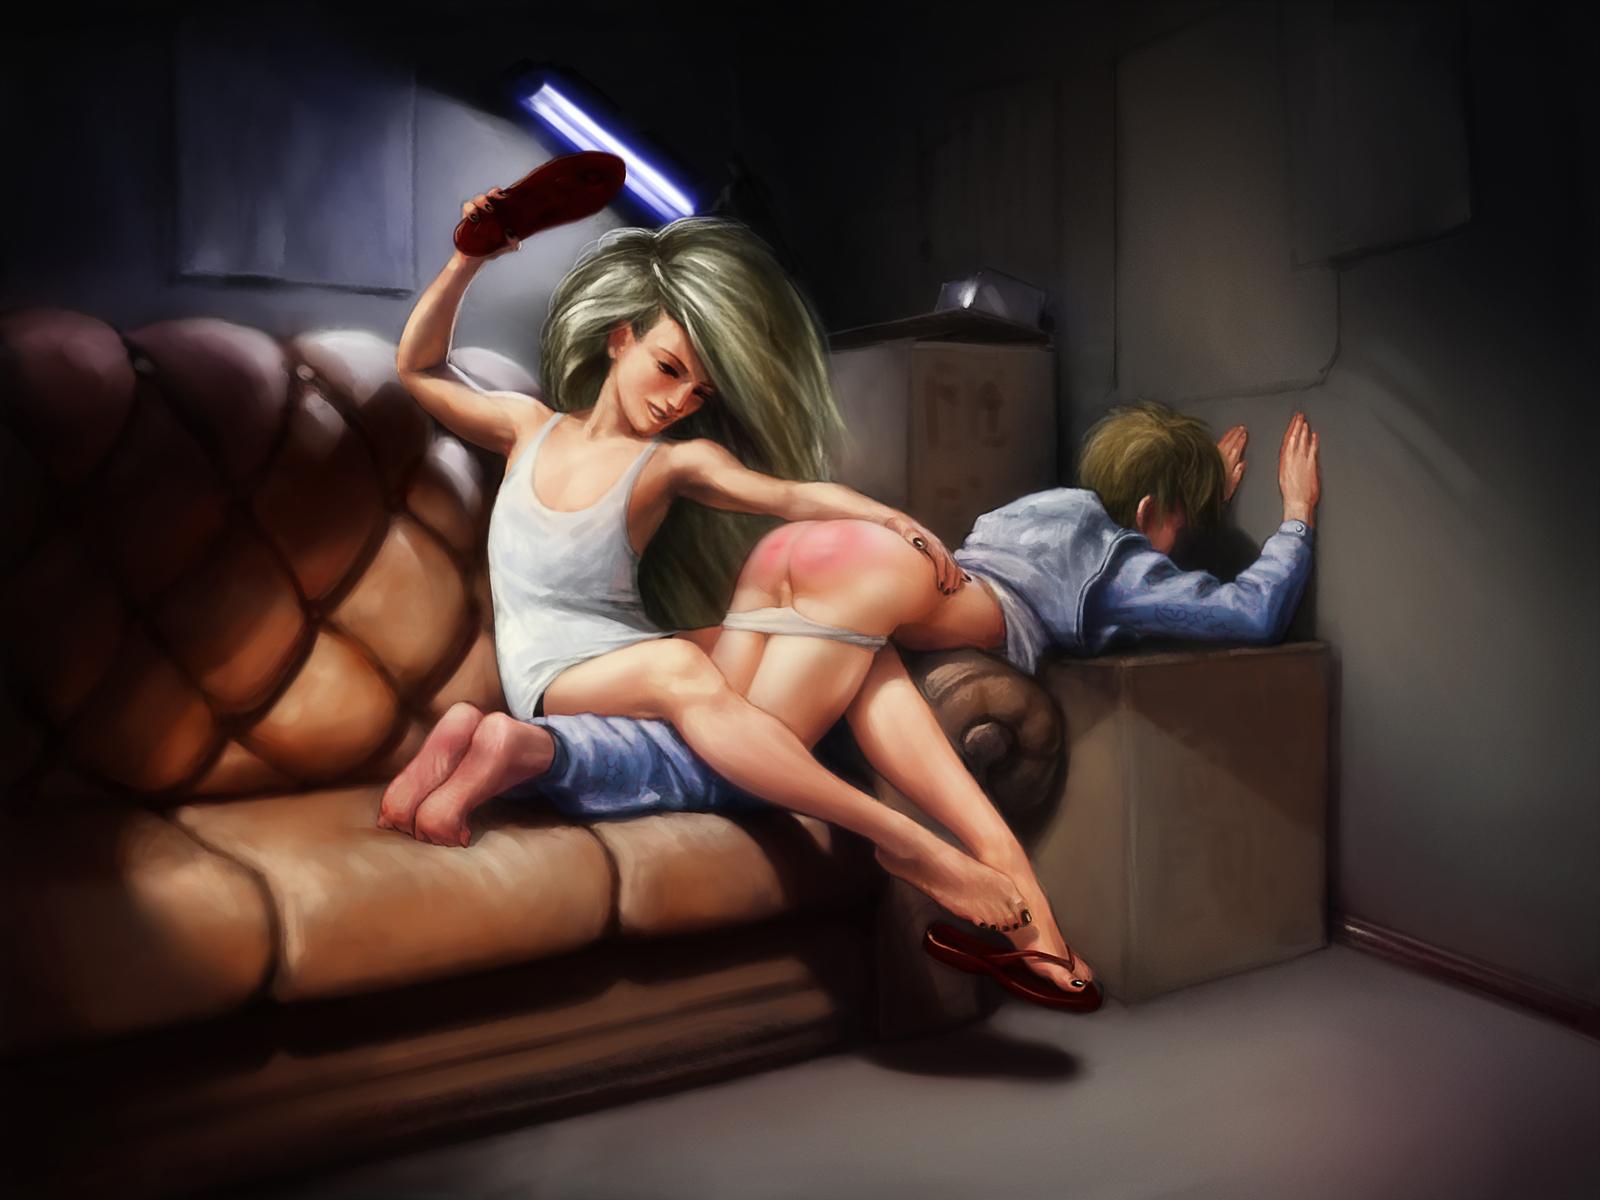 boy spank 3d pictures